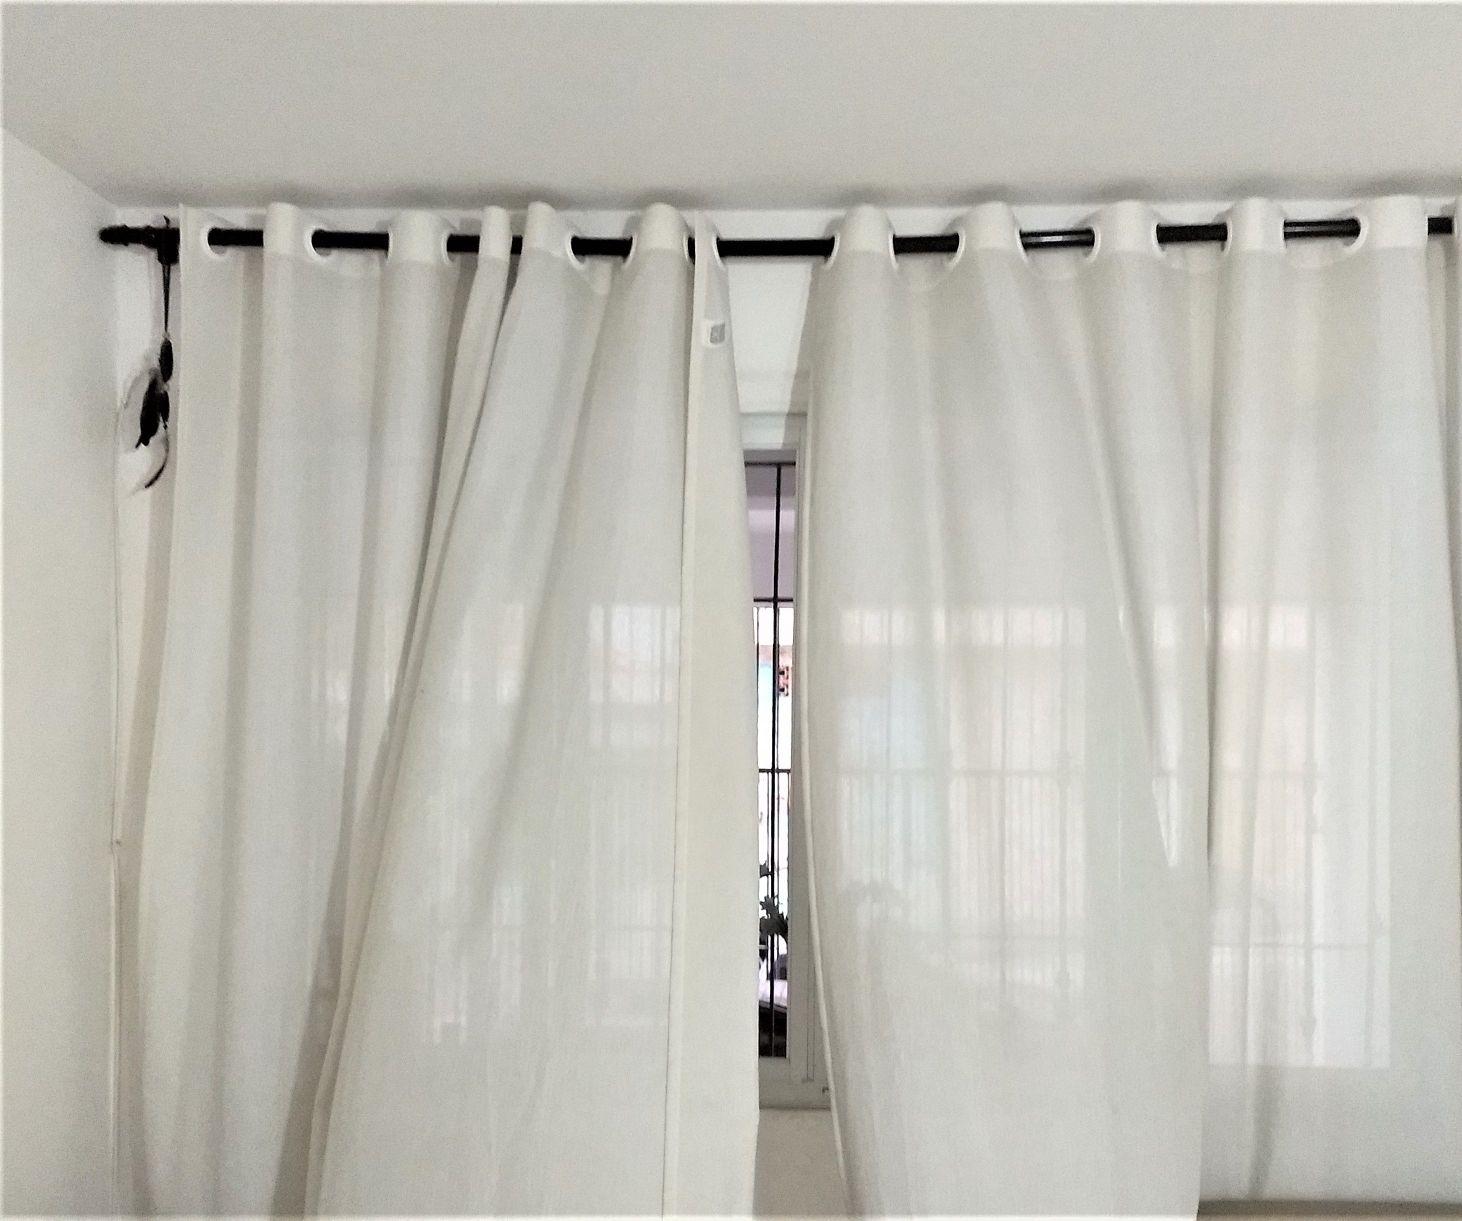 instalação de cortina de sala com varão